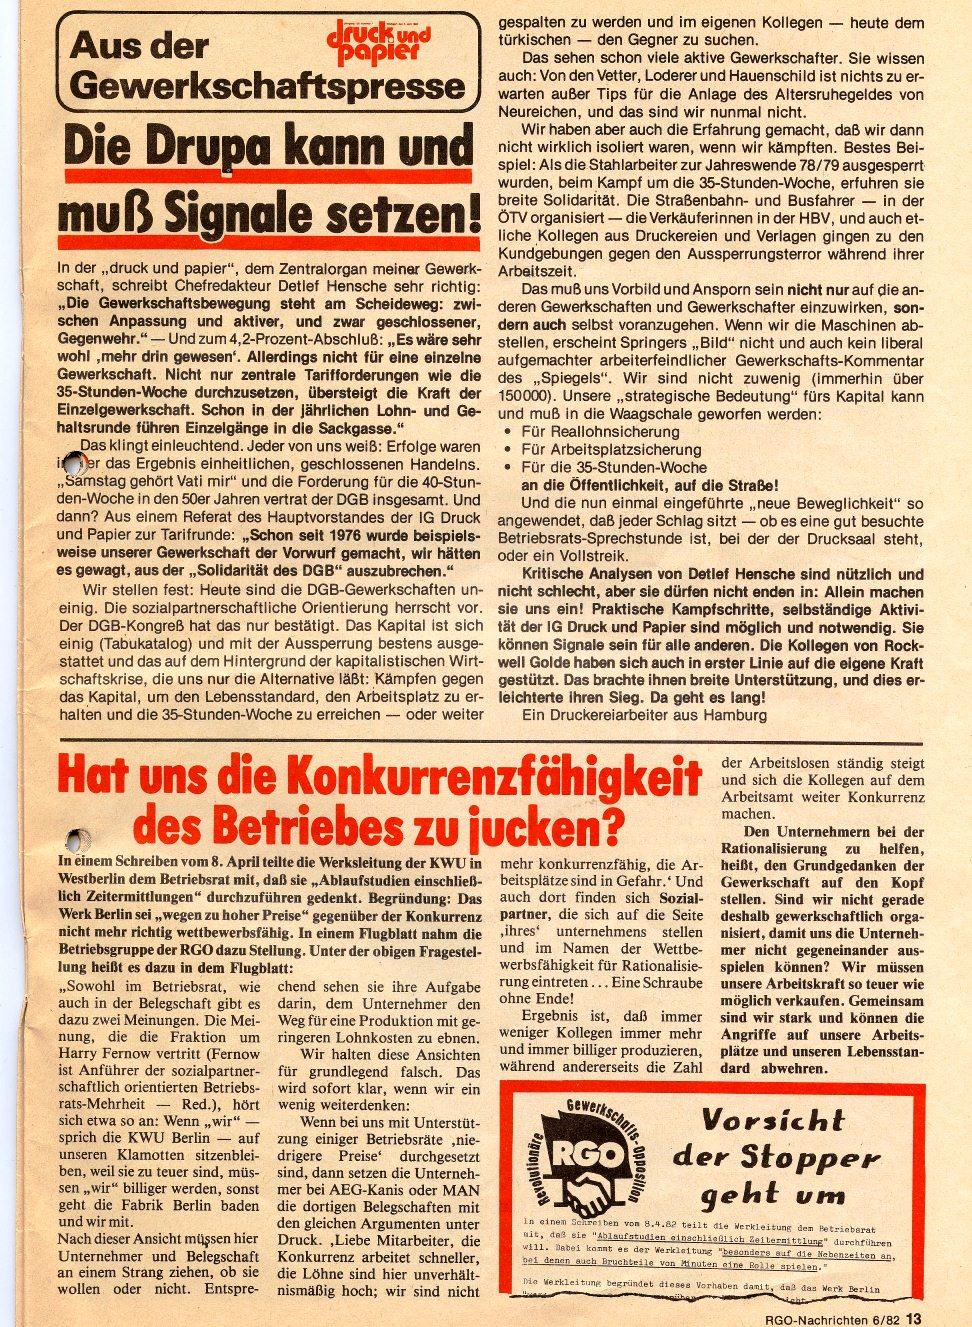 RGO_RGO_Nachrichten_1982_06_13